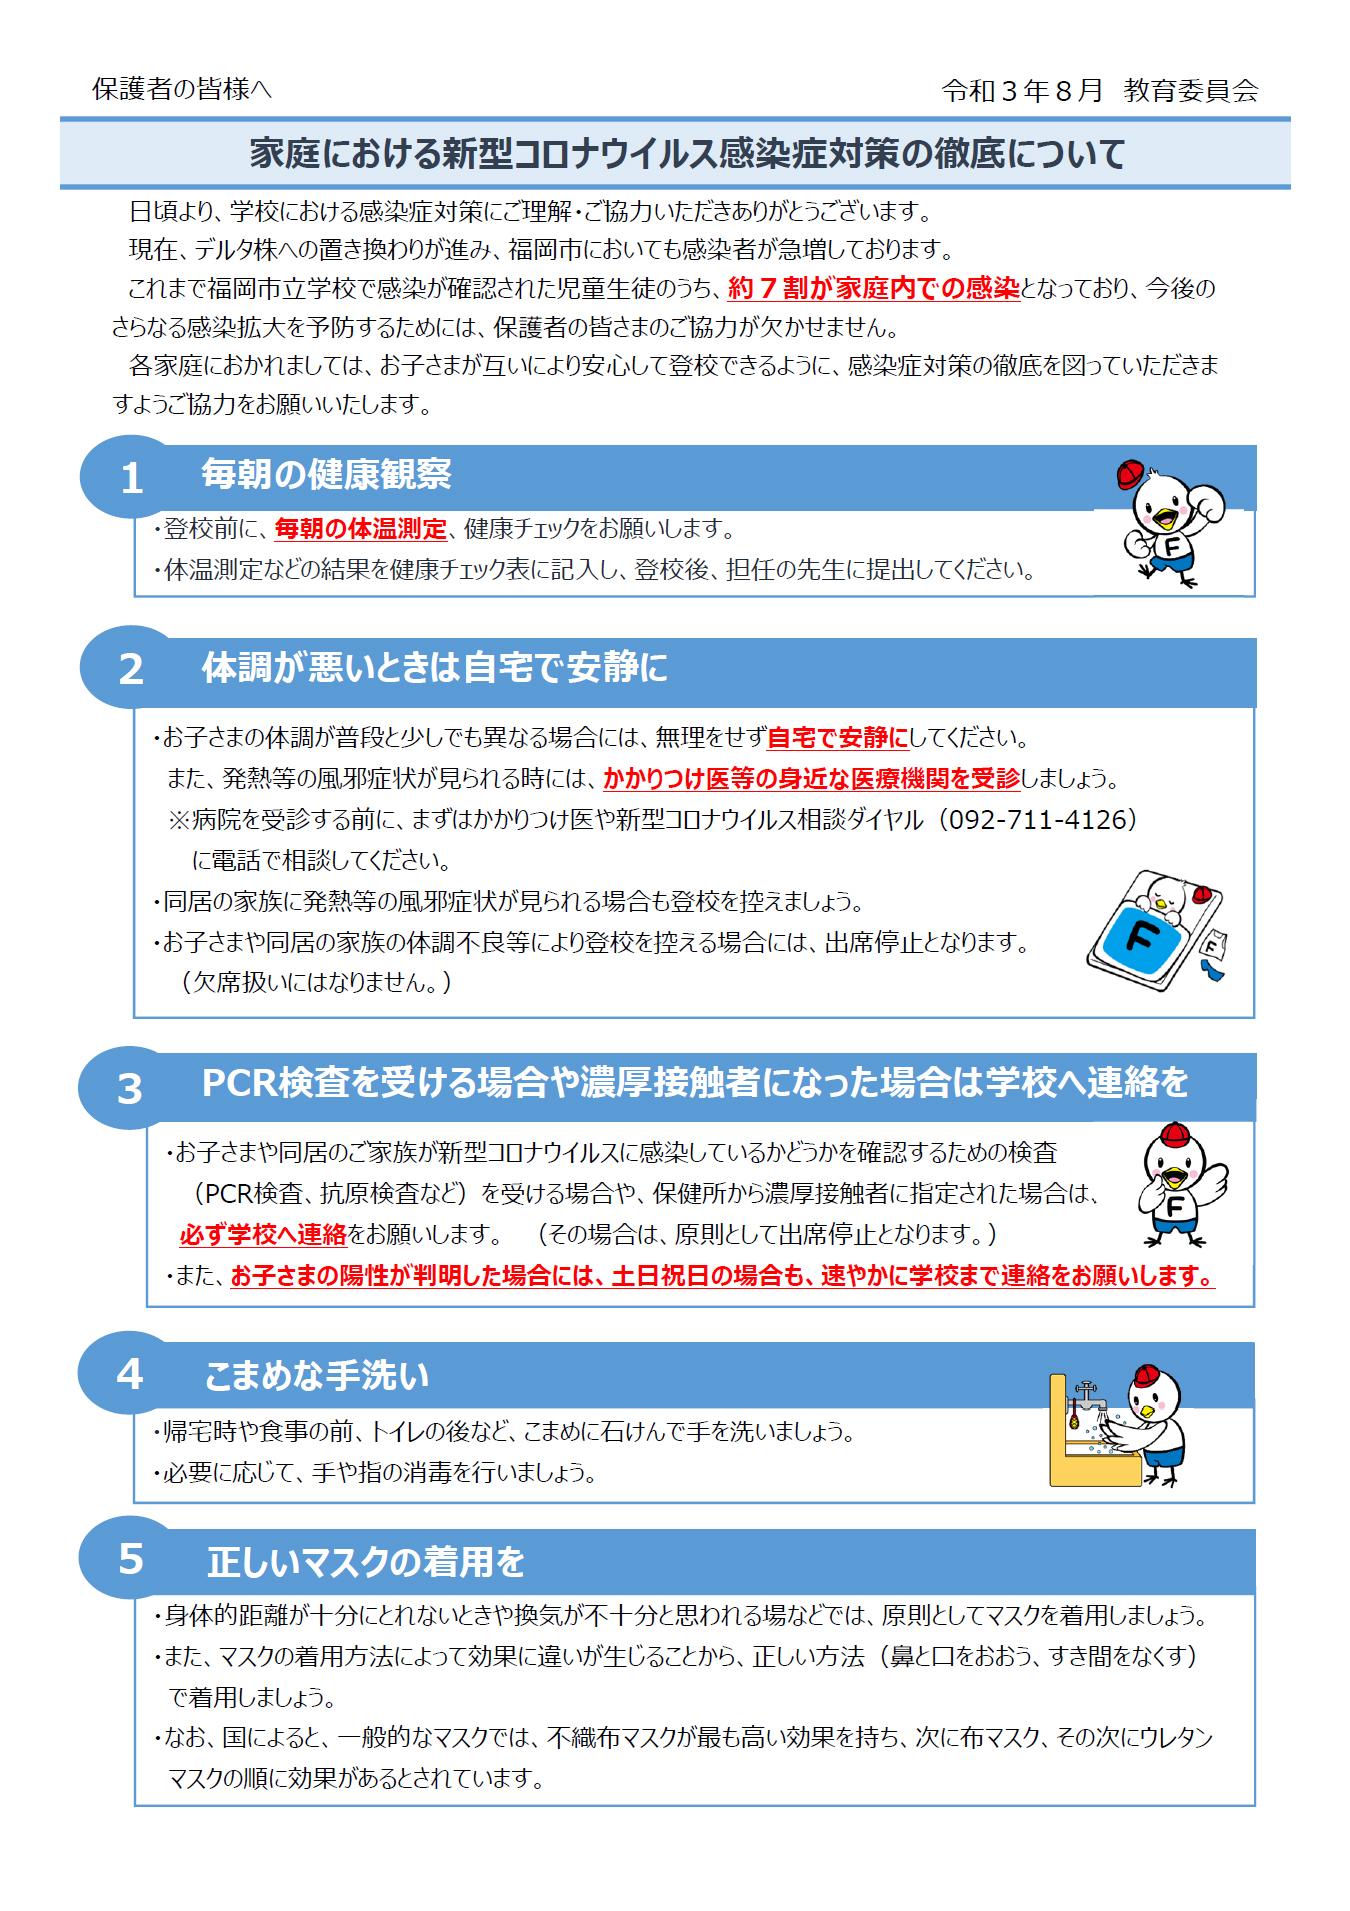 家庭における新型コロナウイルス感染症対策の徹底について